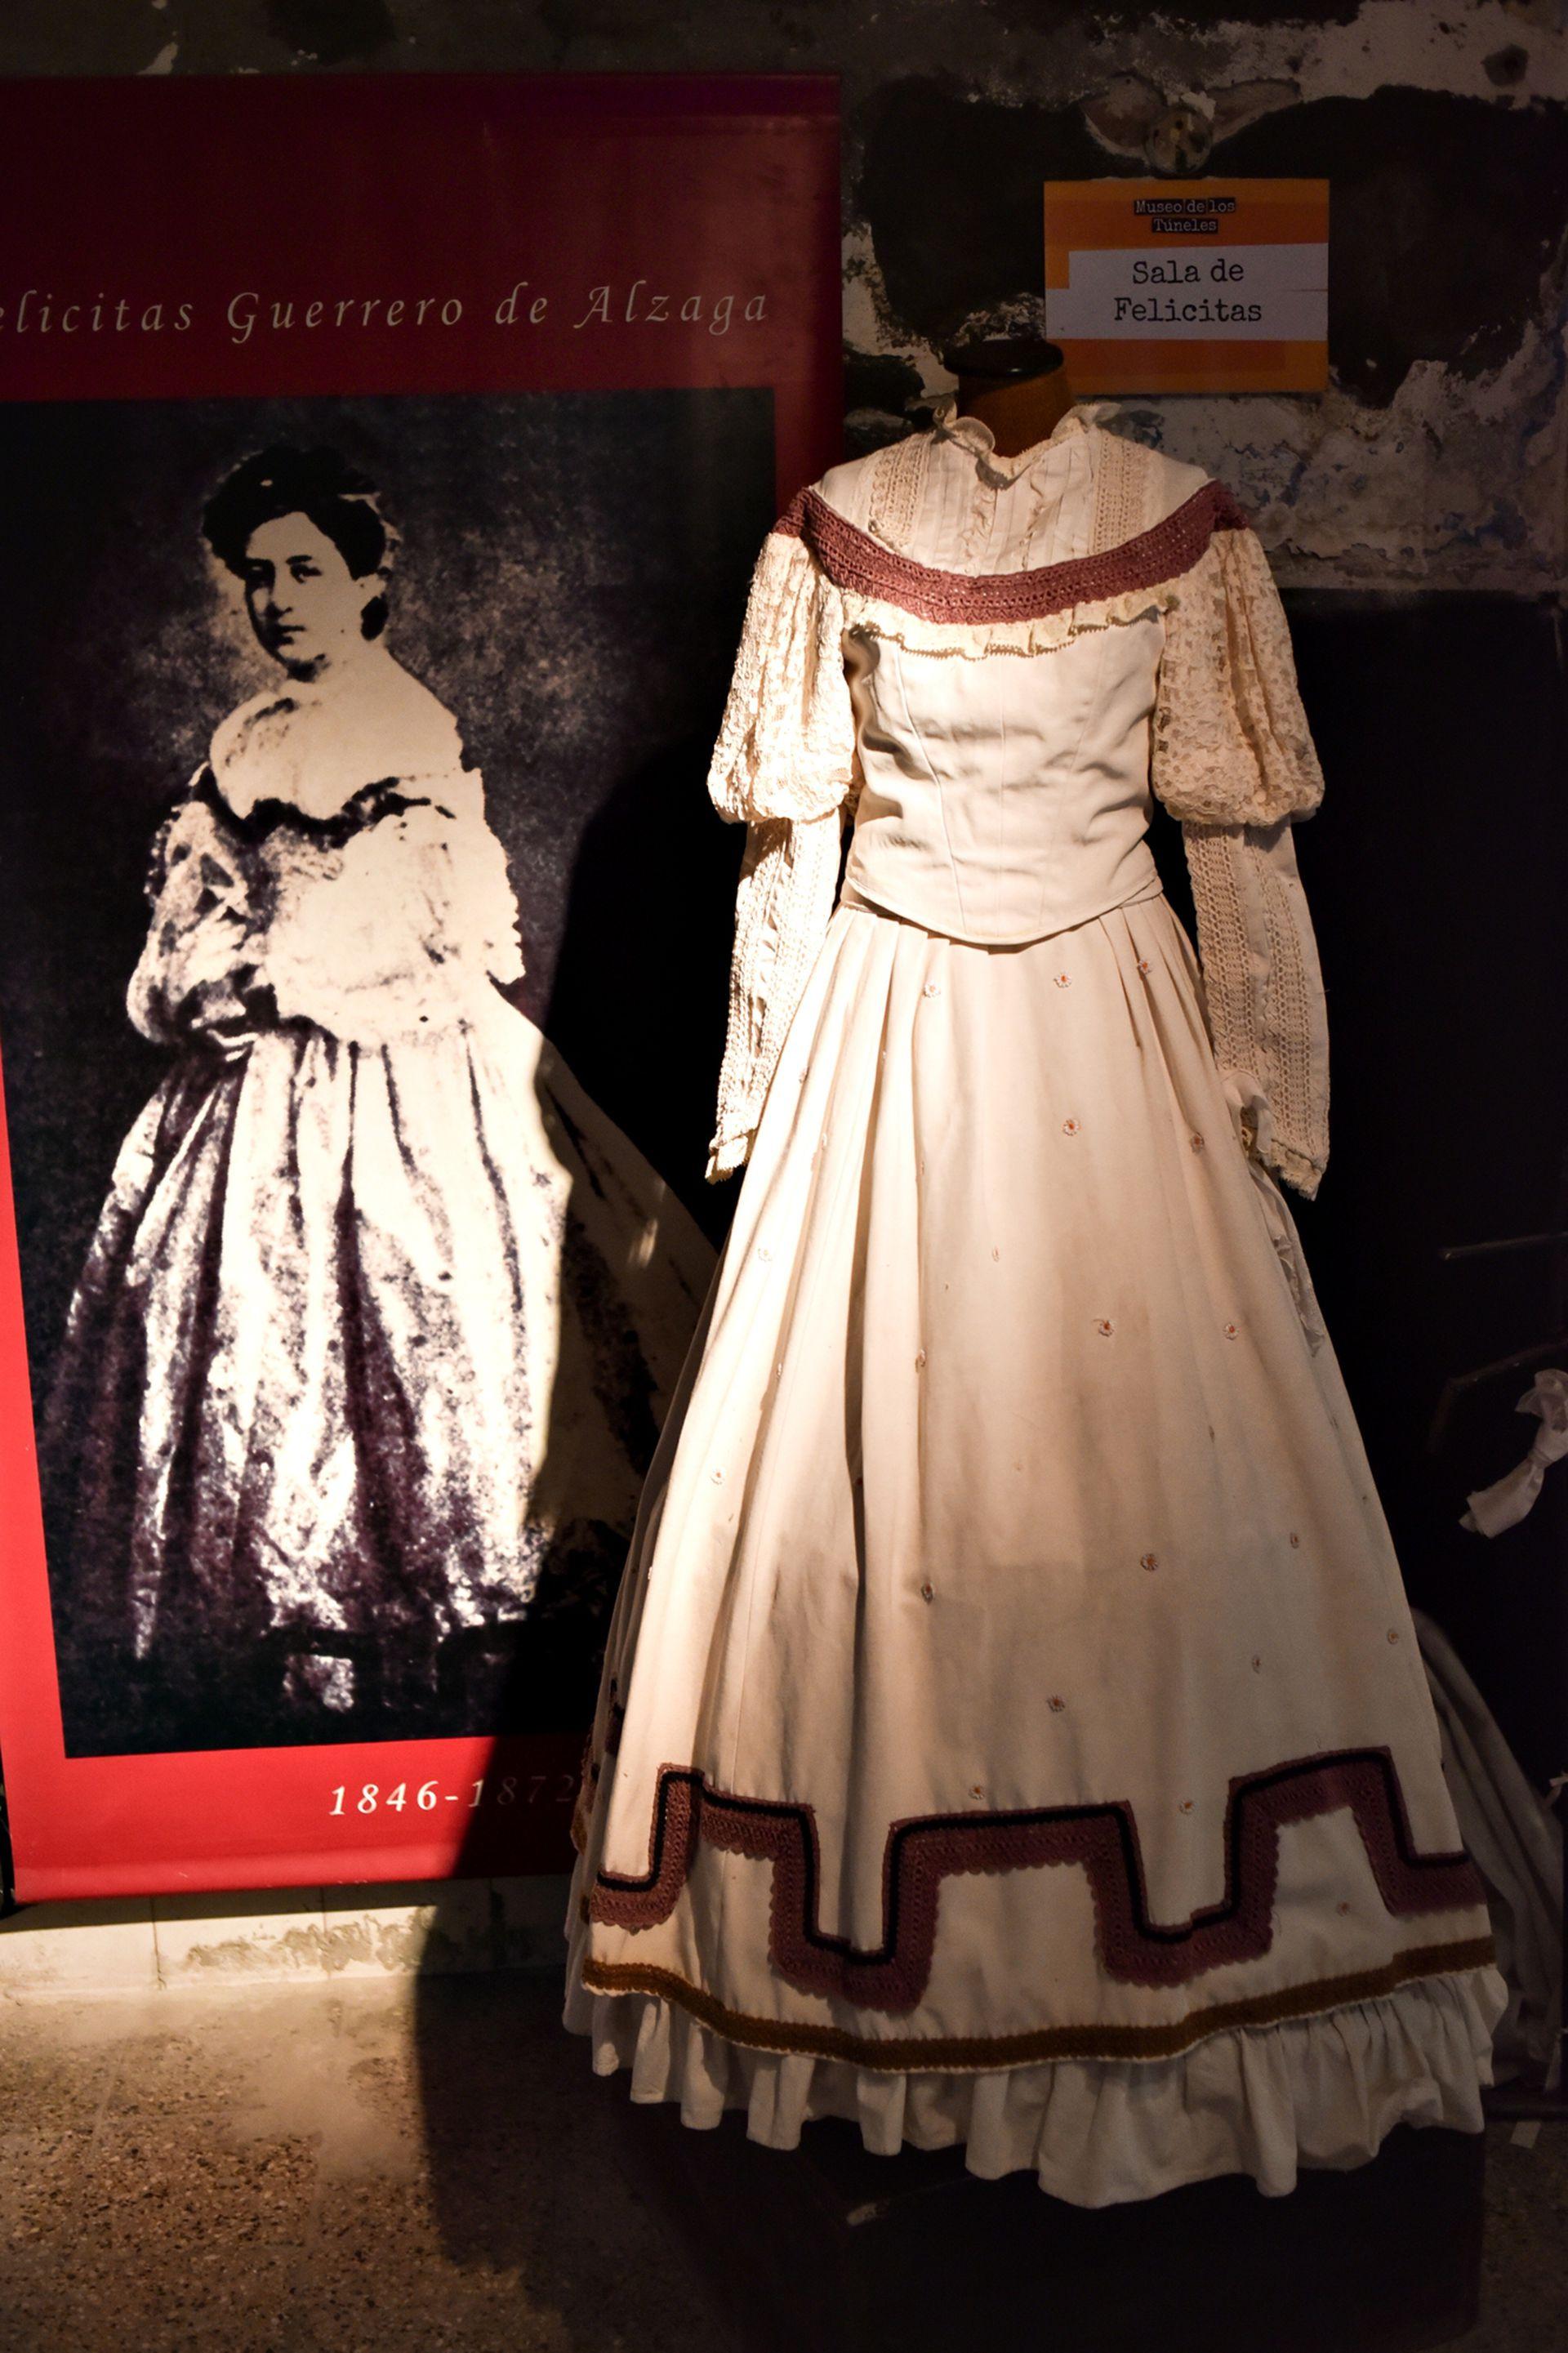 Una de las salas está íntegramente dedicada a Felicitas con vestuario que emula el utilizado en la época